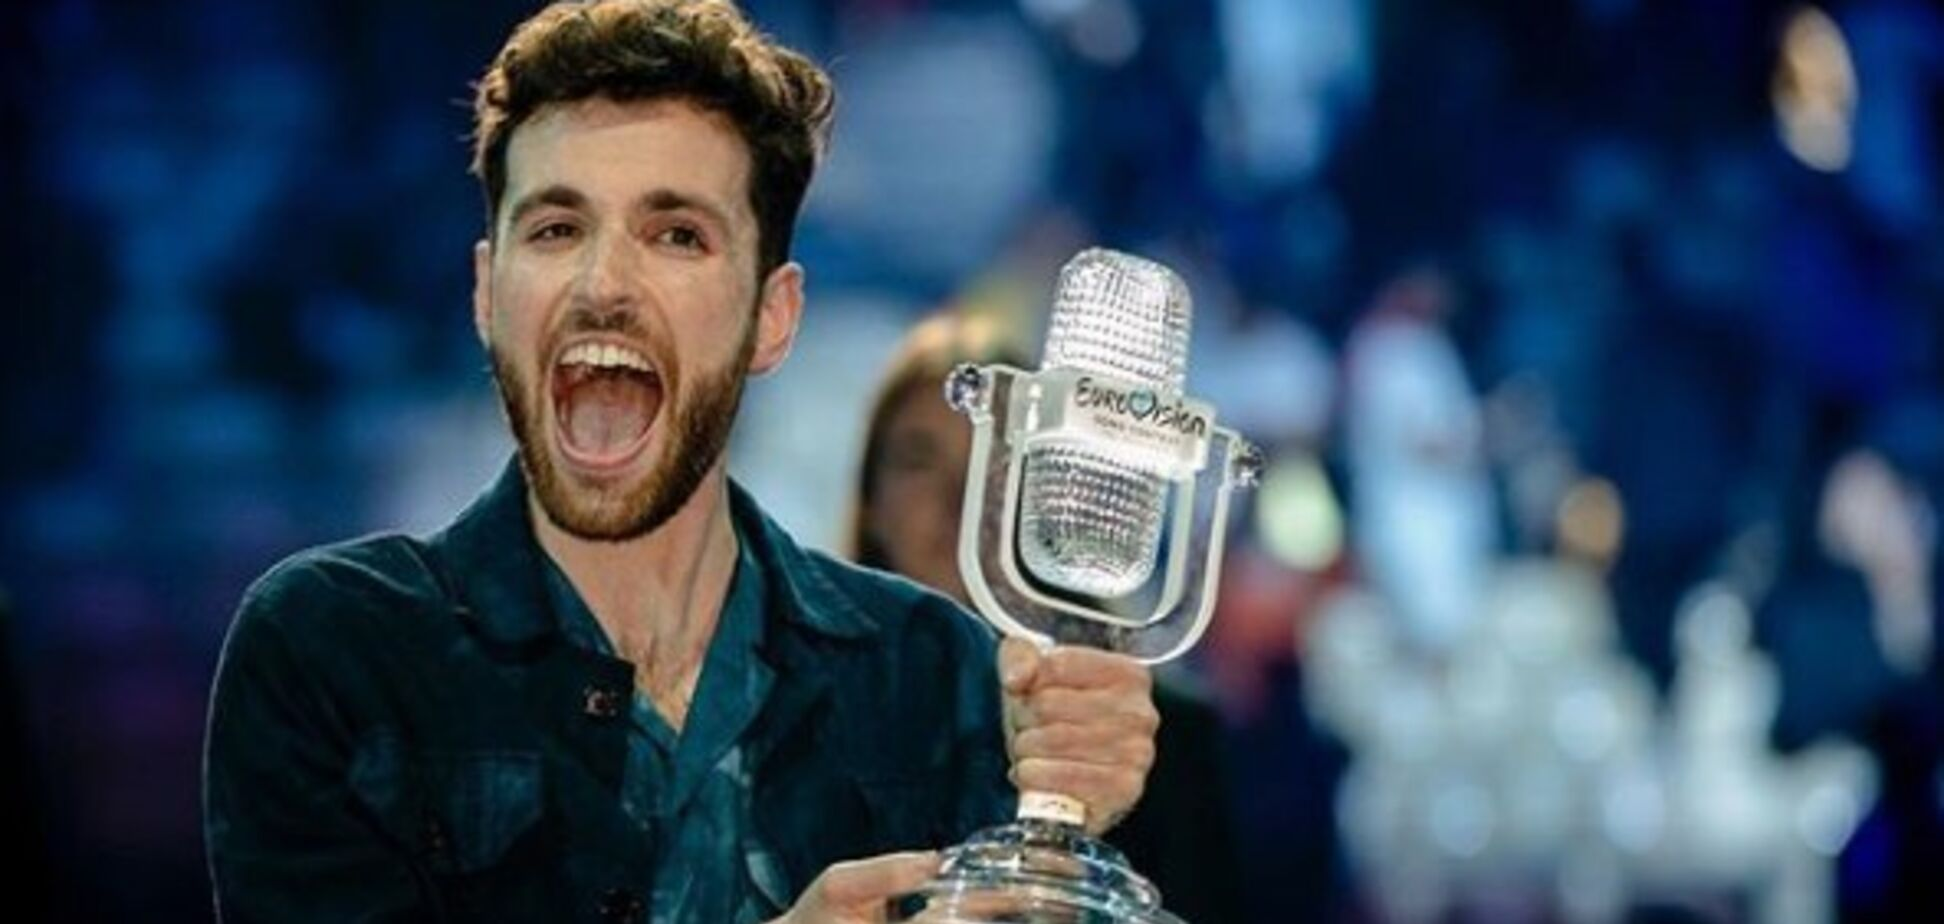 Назван победитель Евровидения-2019 в Израиле